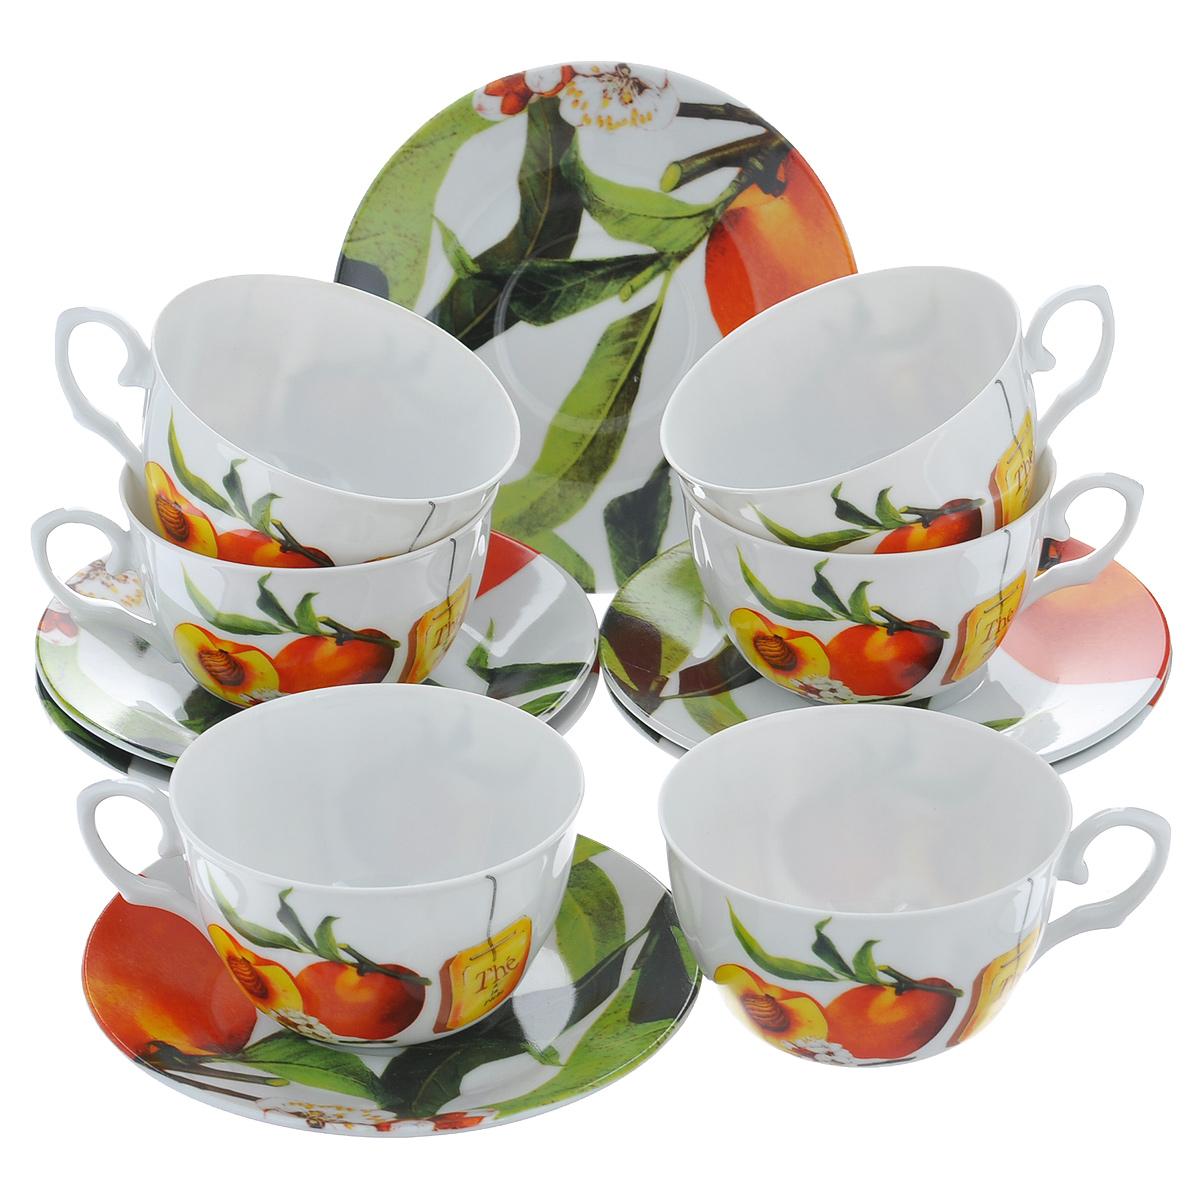 Набор чайный Larange Персик, 12 предметовVT-1520(SR)Чайный набор Персик, выполненный из высококачественного фарфора, состоит из шести чашек и шести блюдец. Изделия декорированы изображением персиков. Элегантный дизайн и совершенные формы предметов набора привлекут к себе внимание и украсят интерьер вашей кухни. Чайный набор Персик идеально подойдет для сервировки стола и станет отличным подарком к любому празднику.Чайный набор упакован в круглую подарочную коробку из плотного картона лимонного цвета. Внутренняя часть коробки задрапирована белой атласной тканью, и каждый предмет надежно крепится в определенном положении благодаря особым выемкам в коробке. Не использовать в микроволновой печи. Не применять абразивные чистящие вещества. Объем чашки: 225 мл.Диаметр чашки по верхнему краю: 9,5 см.Высота чашки: 6 см.Диаметр блюдца: 14,5 см.